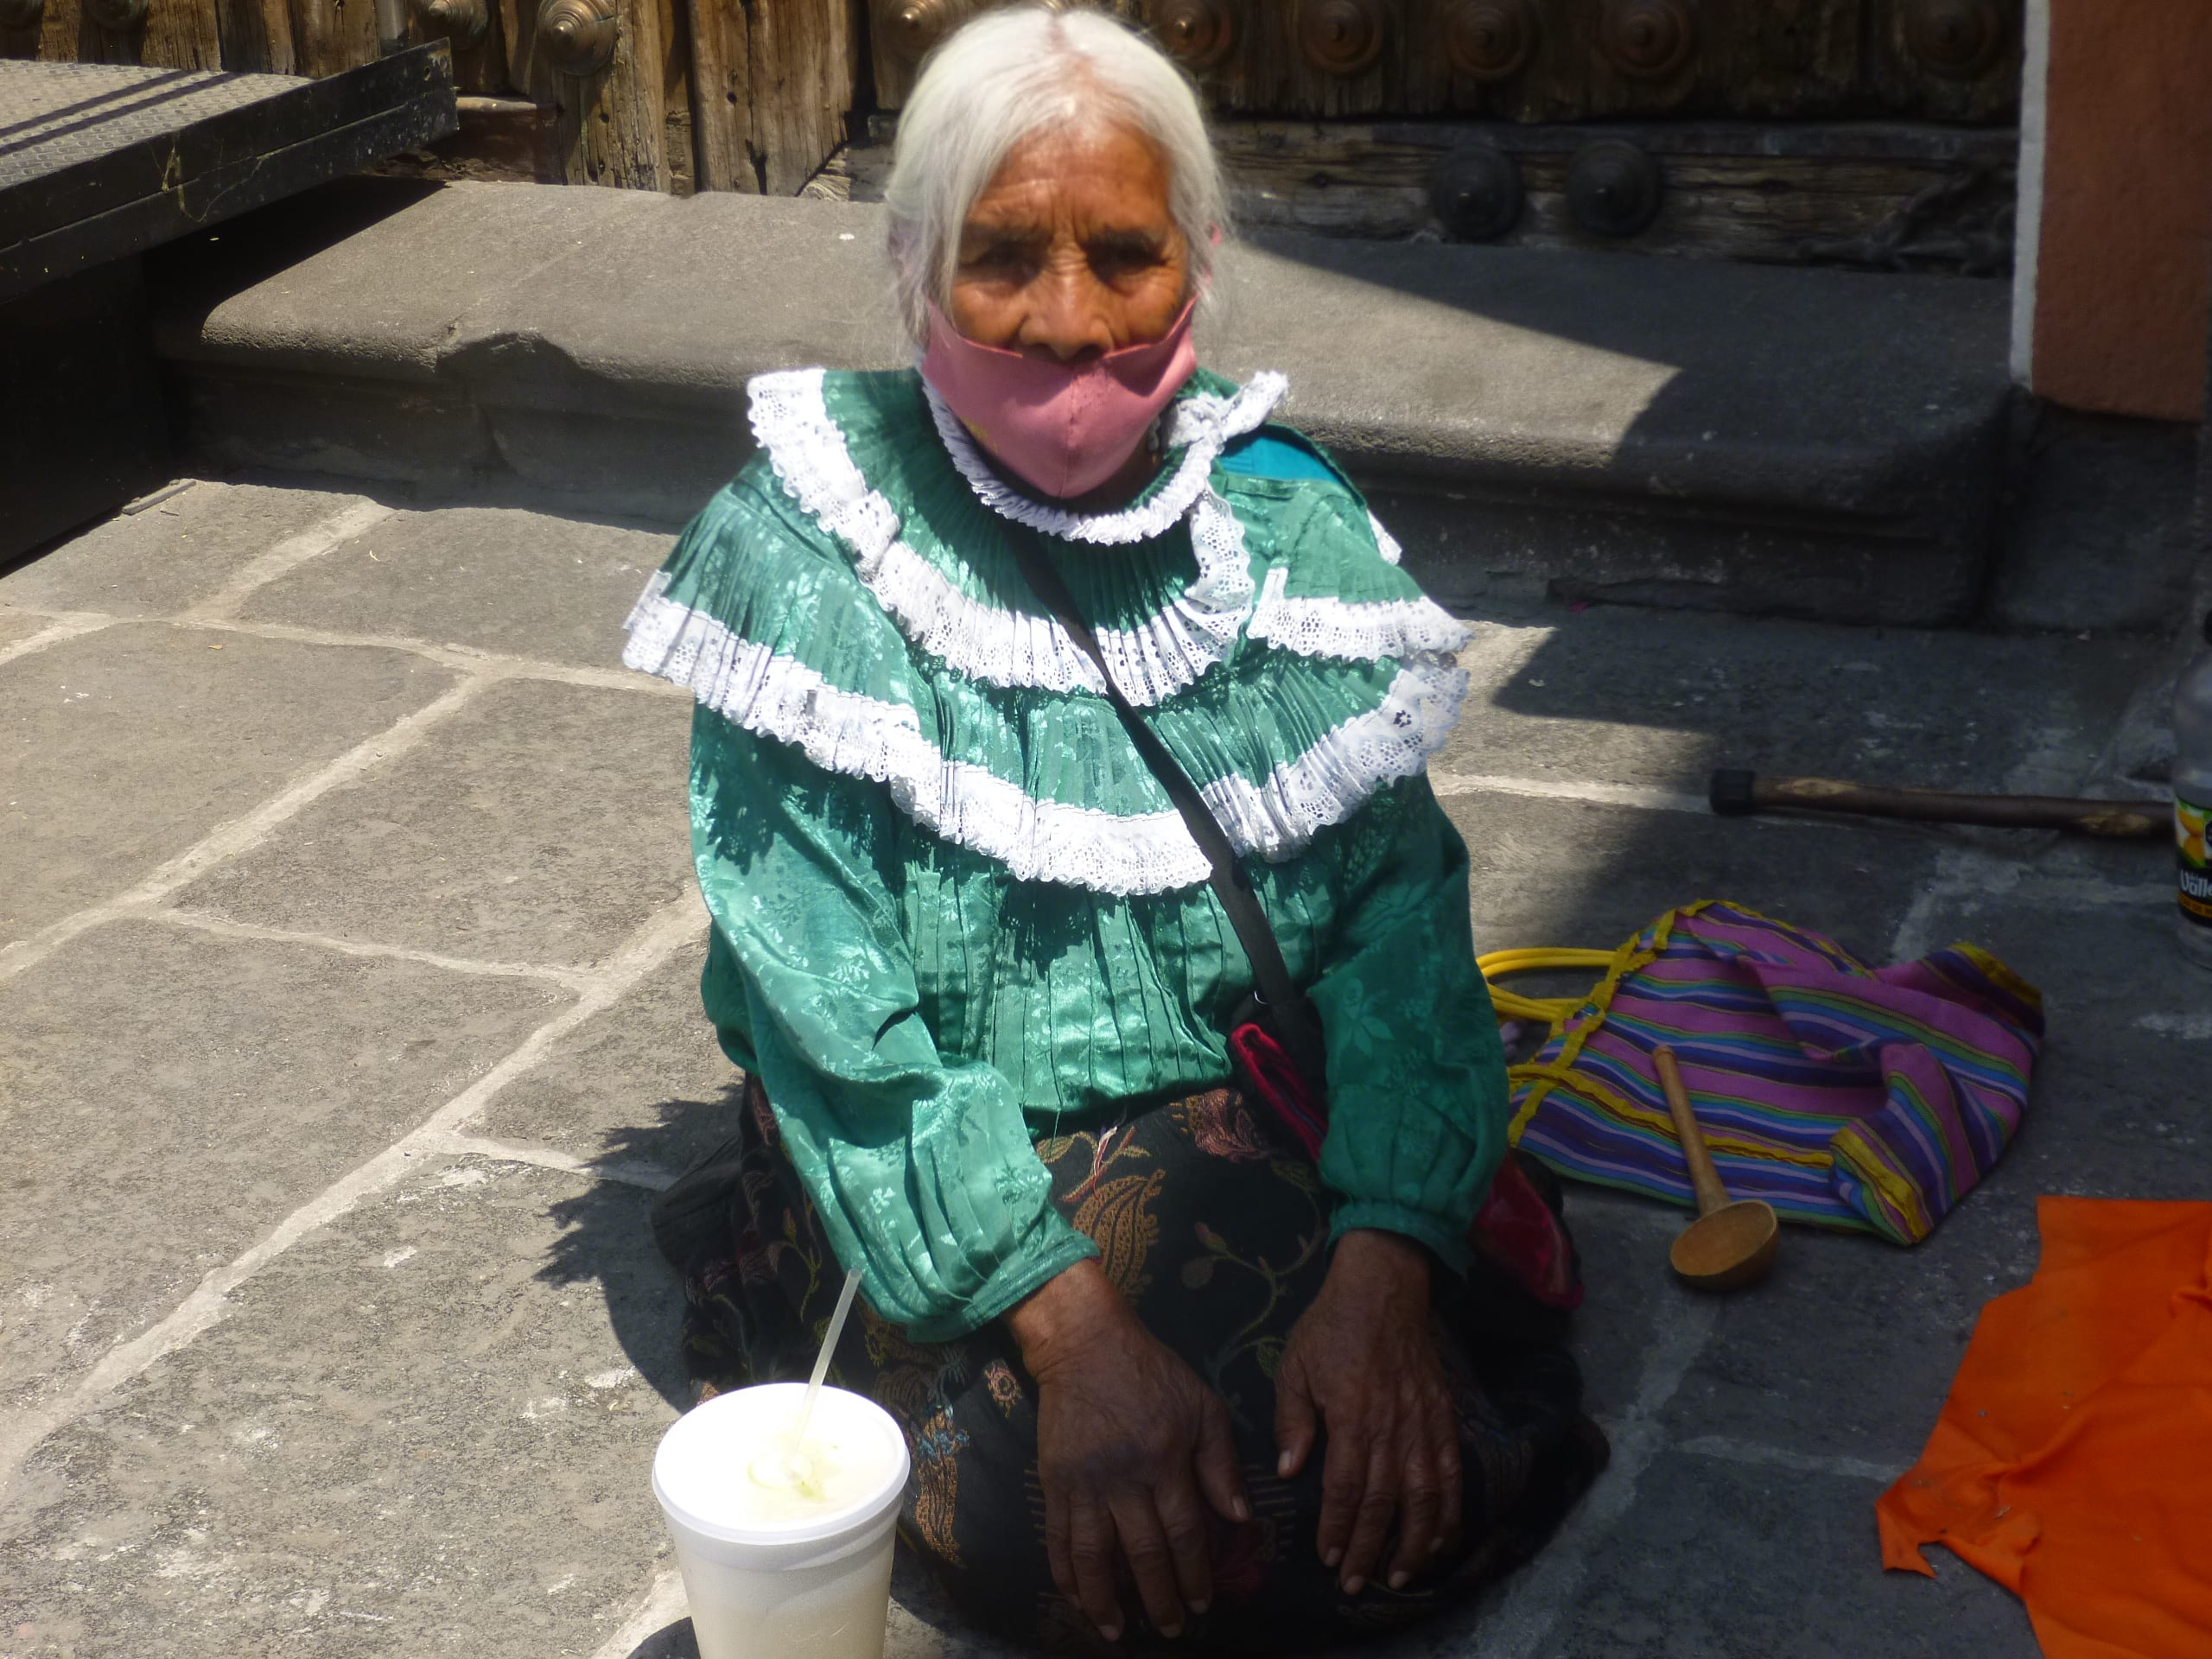 Video desde Puebla: Vengo a buscar dinero para comer, afirma doña Josefa Gabino Mauricio, la nonagenaria vendedora de muñecas convertida en momentánea celebridad